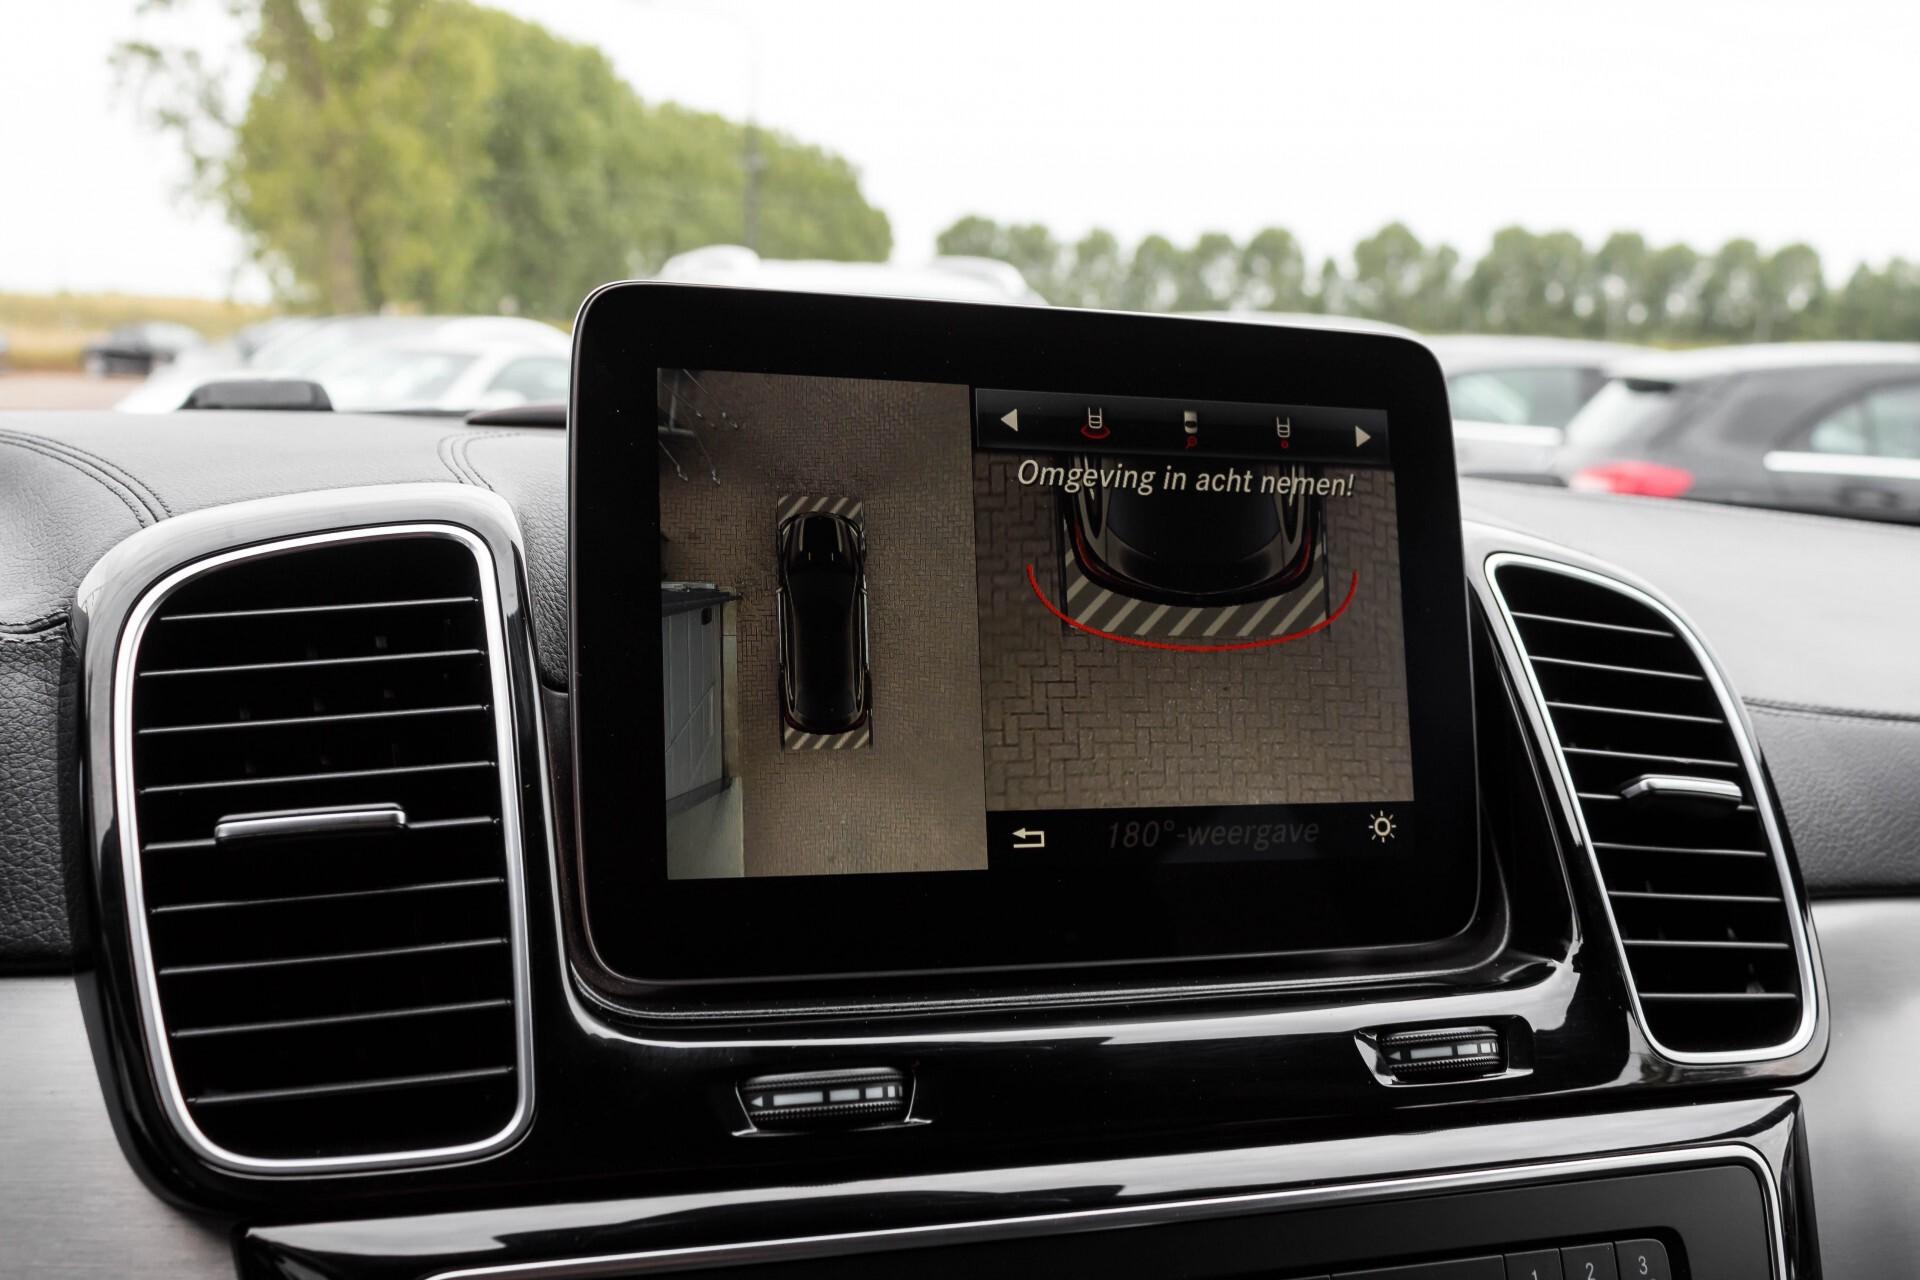 Mercedes-Benz GLE Coupé 350 d 4-M AMG Luchtvering/Distronic/Panorama/Mem/Trekhaak Aut9 Foto 42